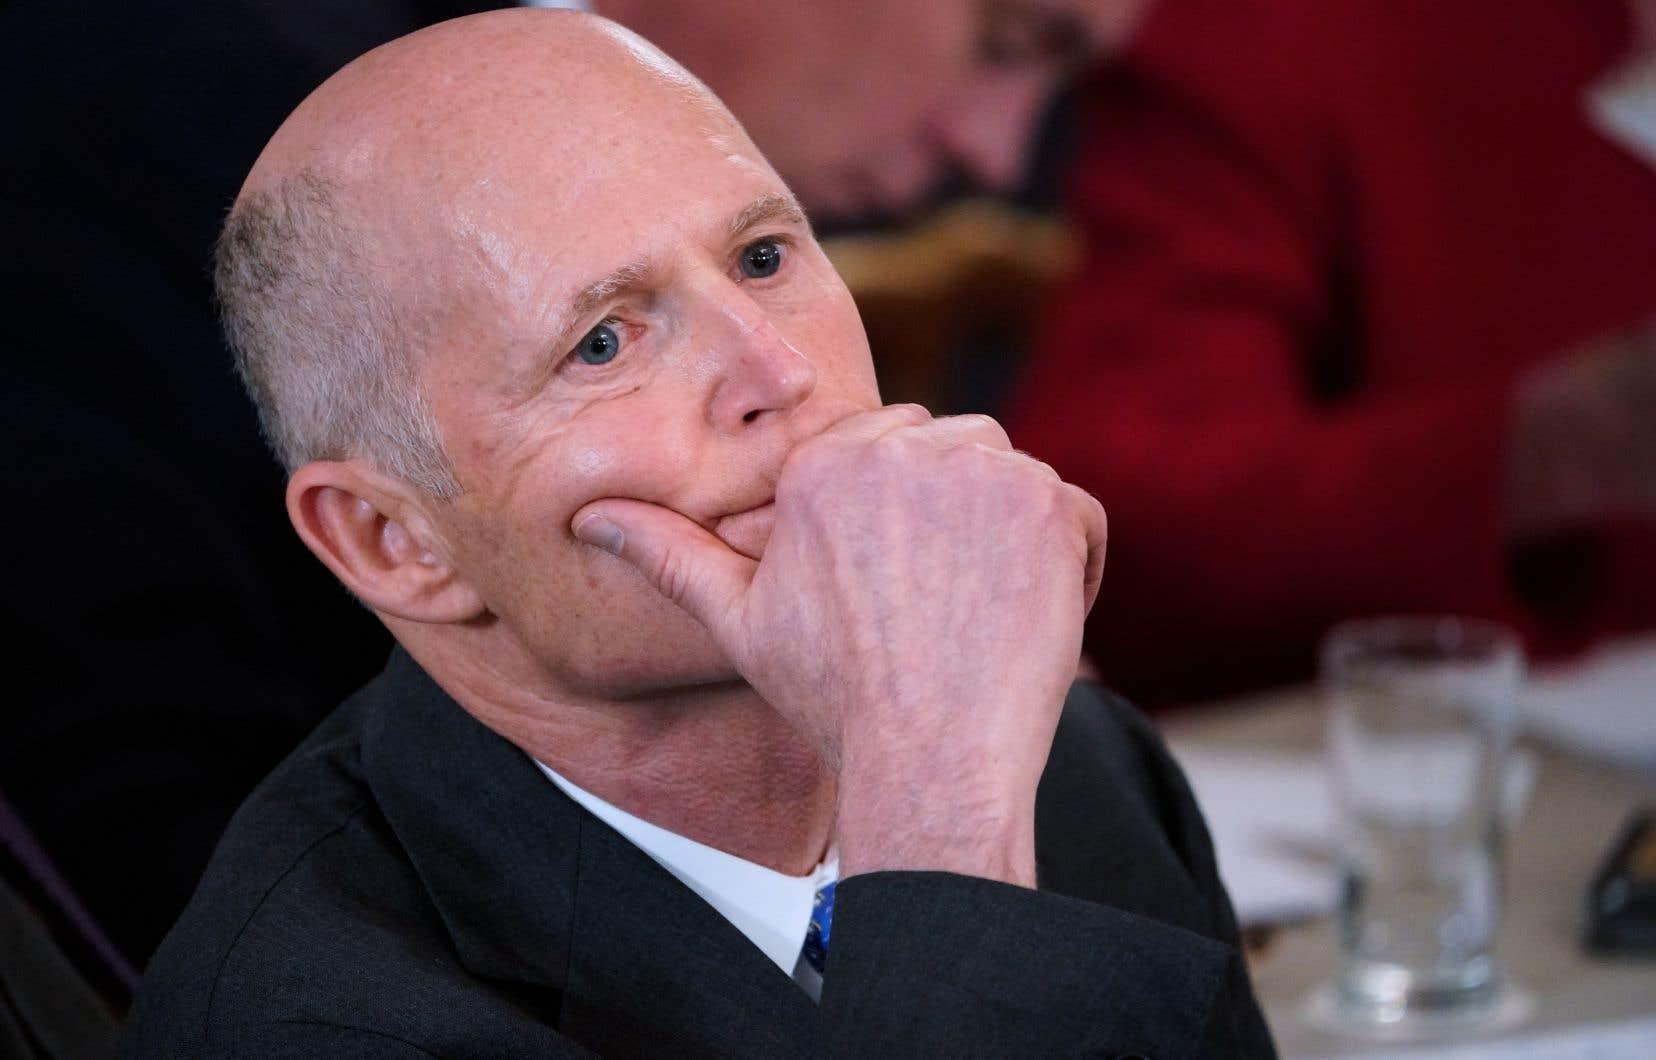 Le gouverneur républicain de Floride, Rick Scott, a annoncé lundi sa candidature au poste de sénateur lors des élections parlementaires de novembre.